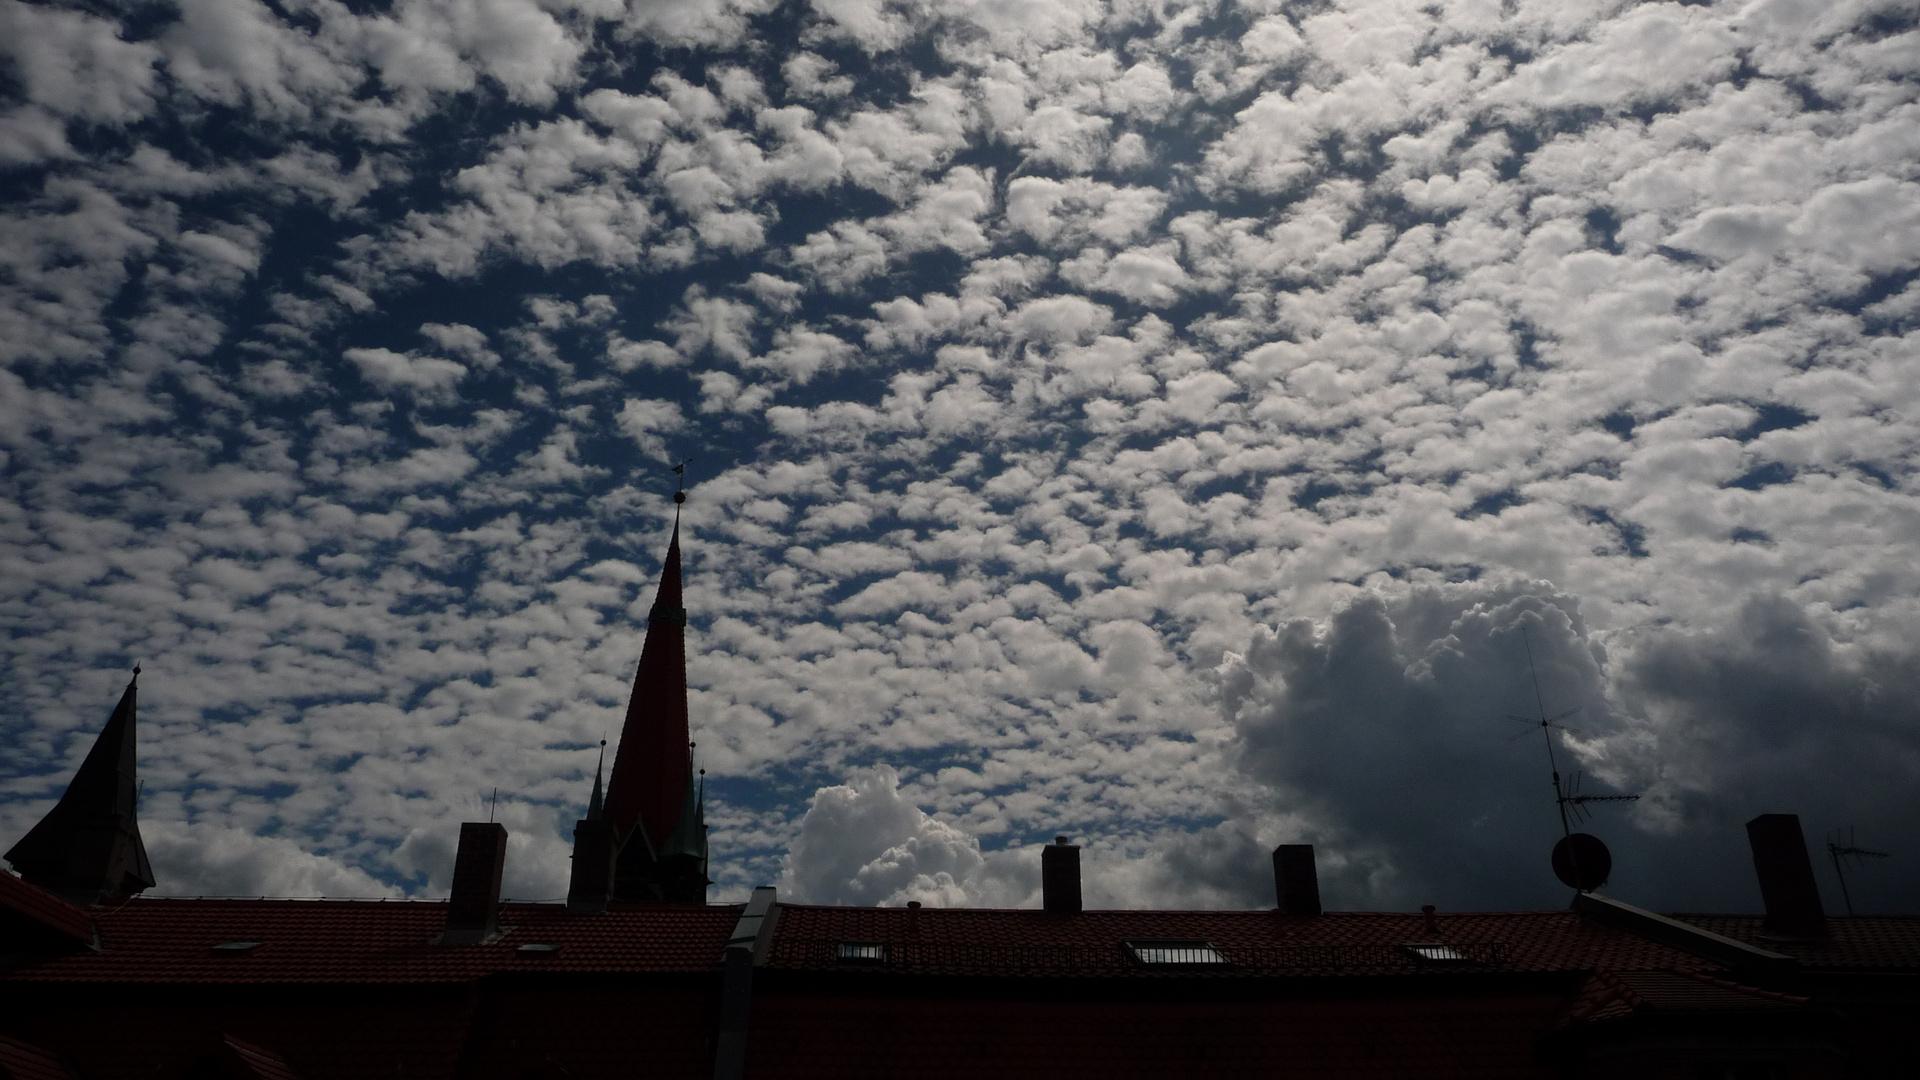 Wolkenschwarm